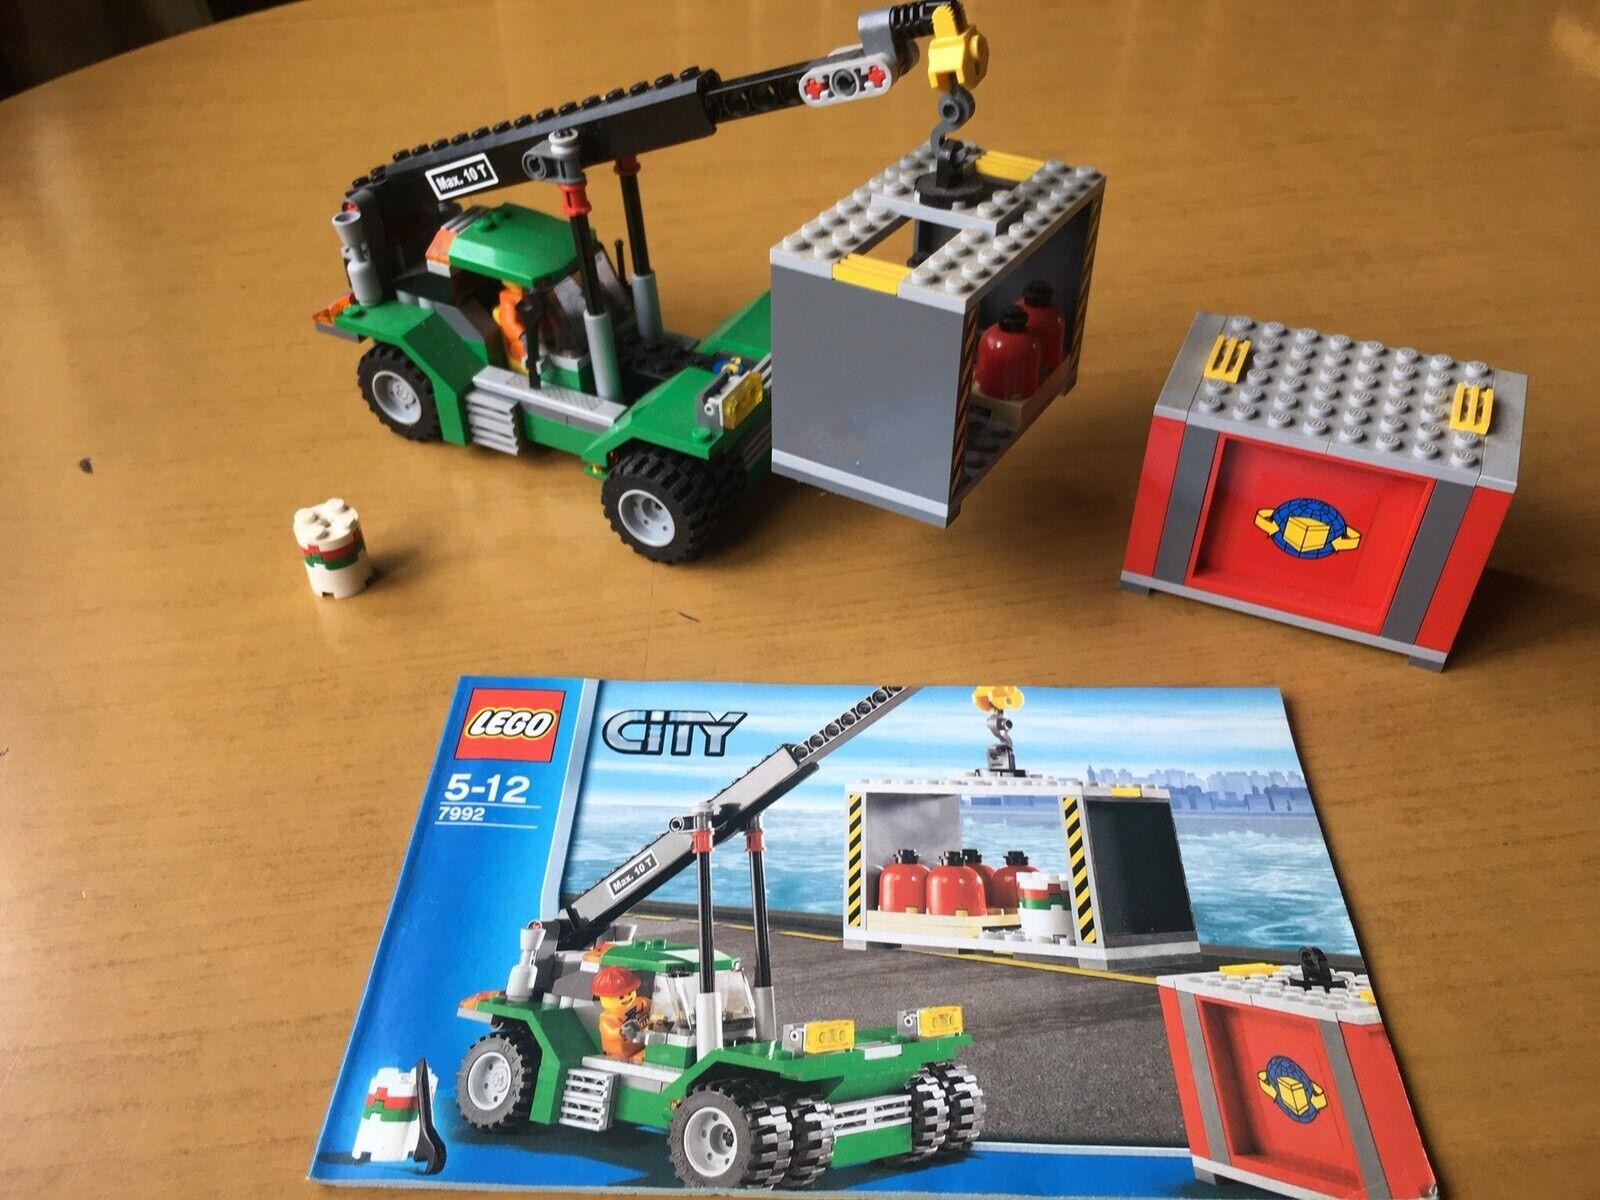 barato y de alta calidad Lego City City City (7992) Container Stacker  Teleporter. Excellent Condition.  gran descuento